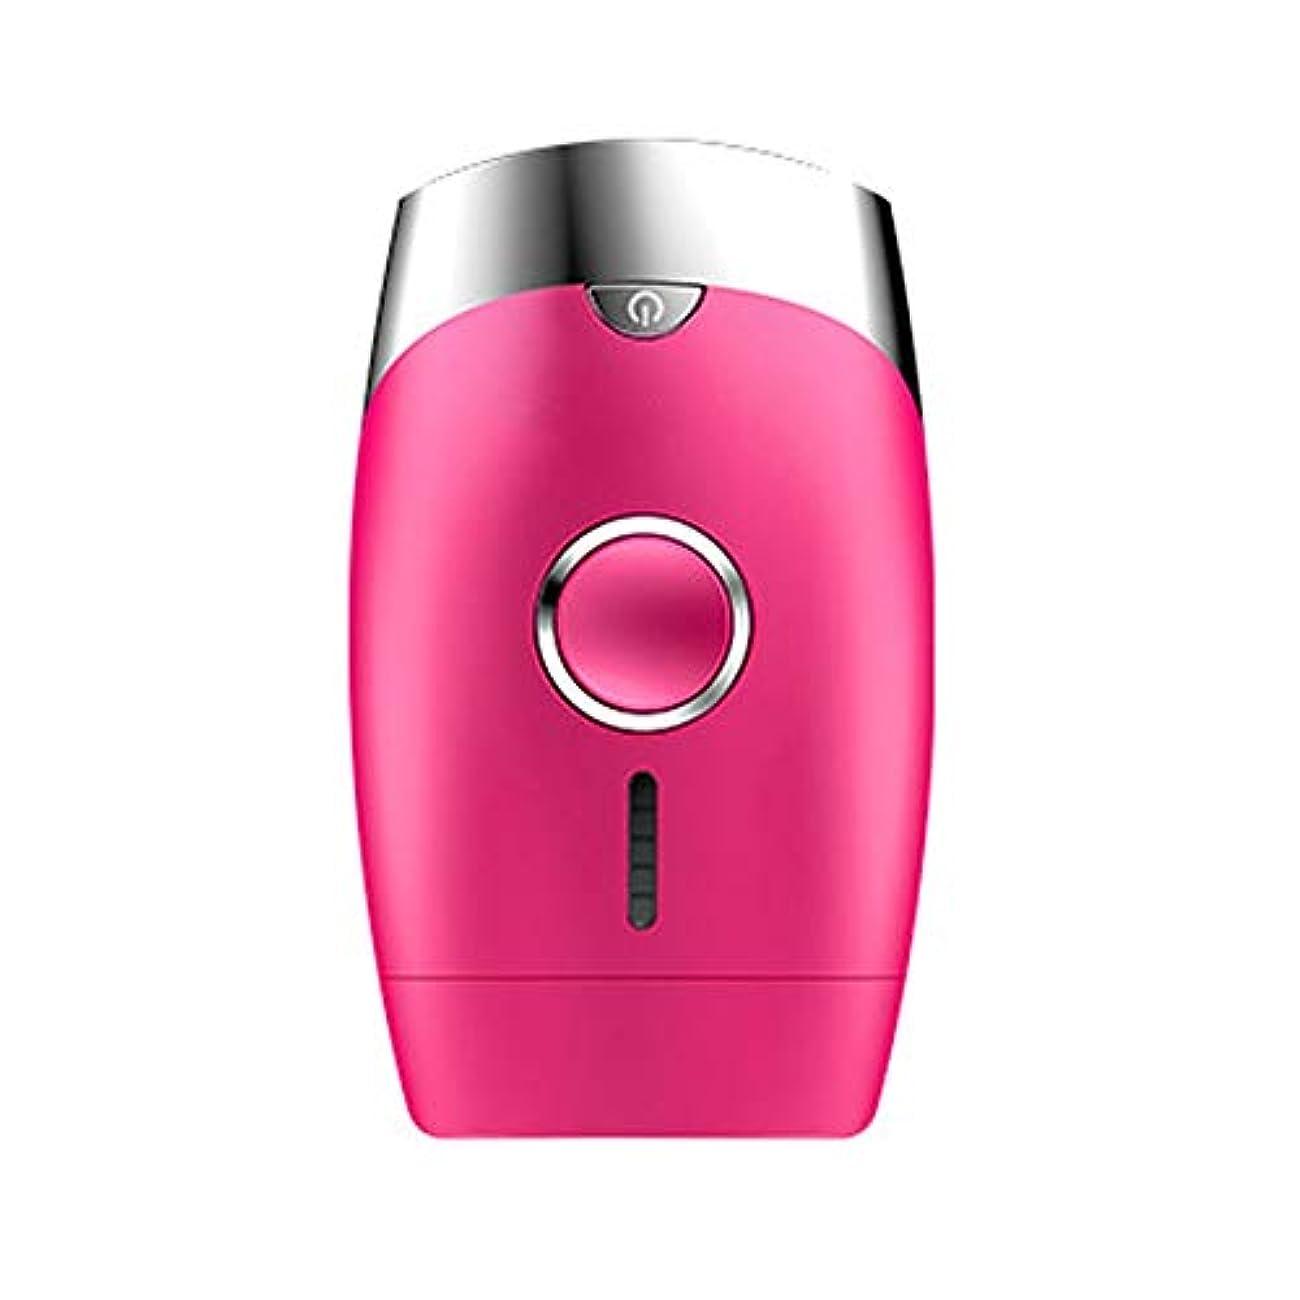 墓地接尾辞医師ダパイ ピンク、5スピード調整、インテリジェント家庭用痛みのない凝固点ヘアリムーバー、シングルフラッシュ/連続フラッシュ、サイズ13.9 X 8.3 X 4.8 Cm U546 (Color : Pink)